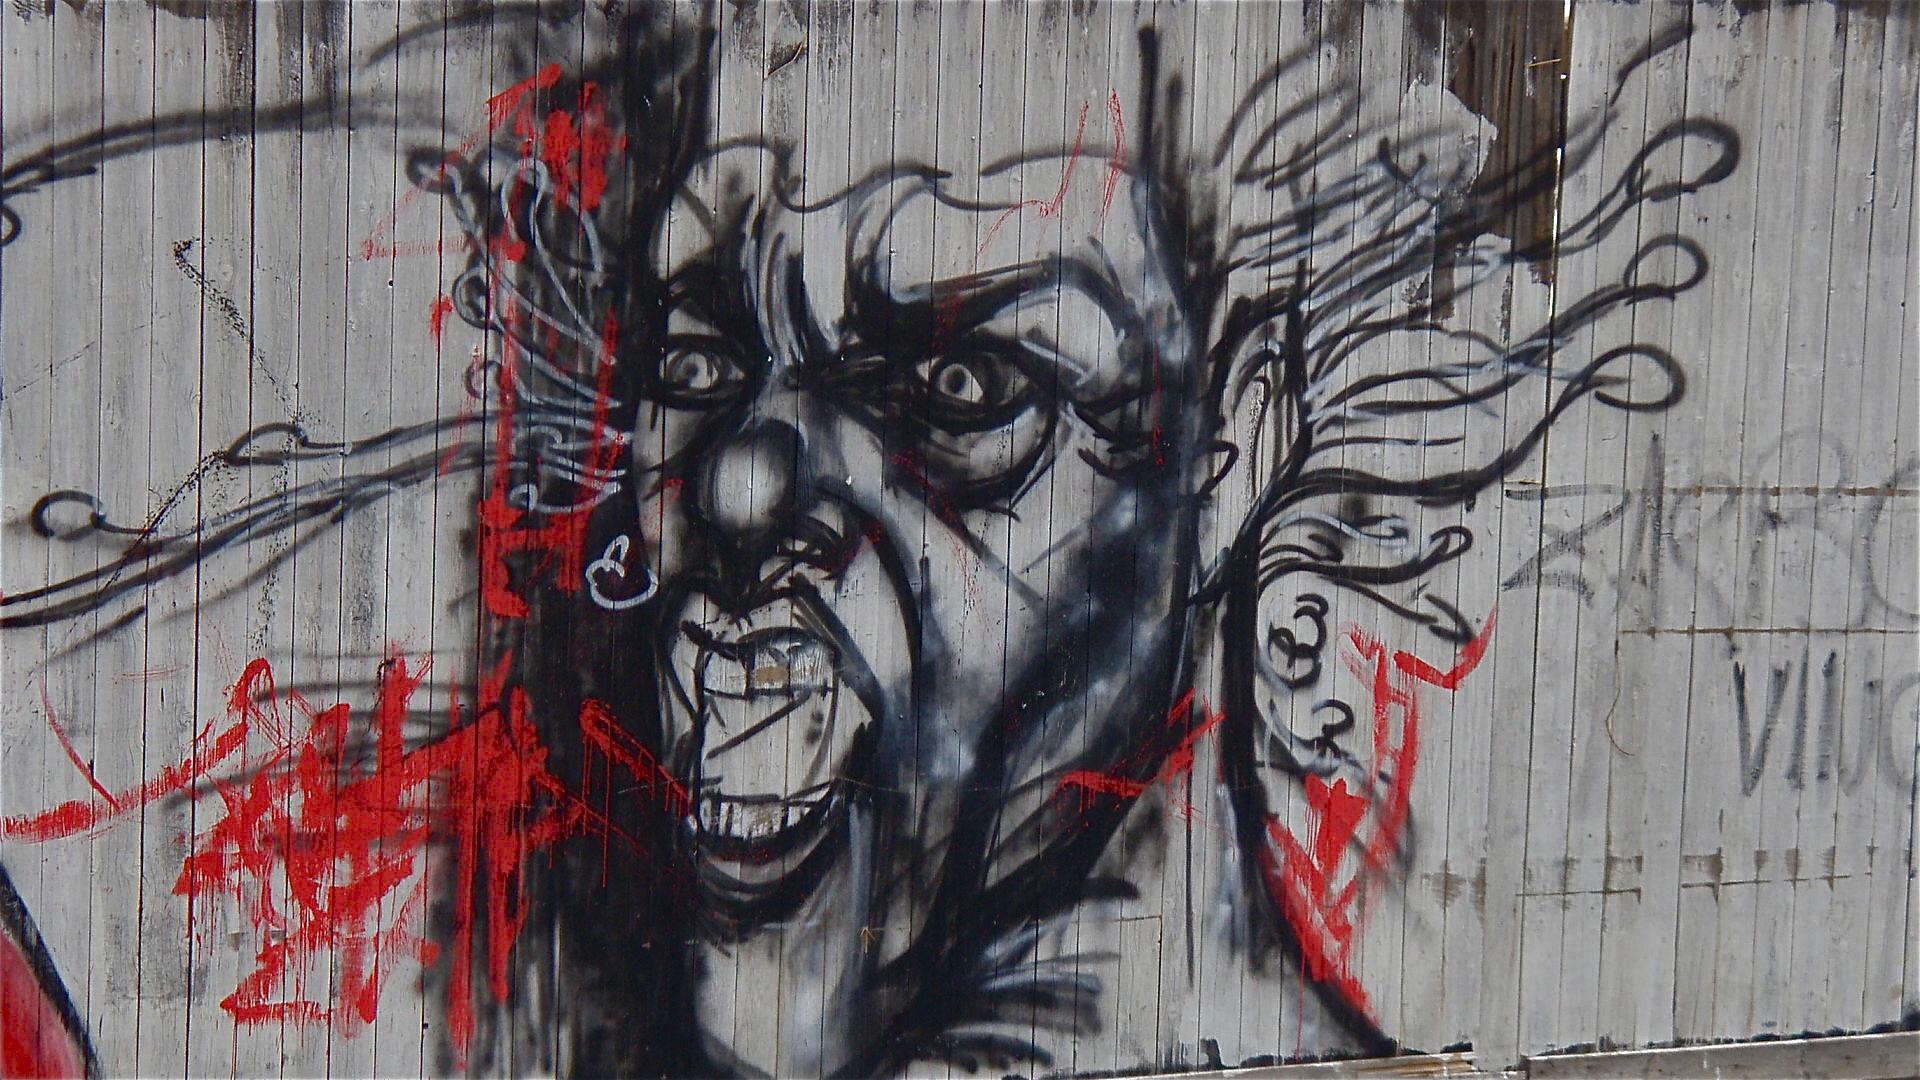 grafitti in noto, sicilia 2007